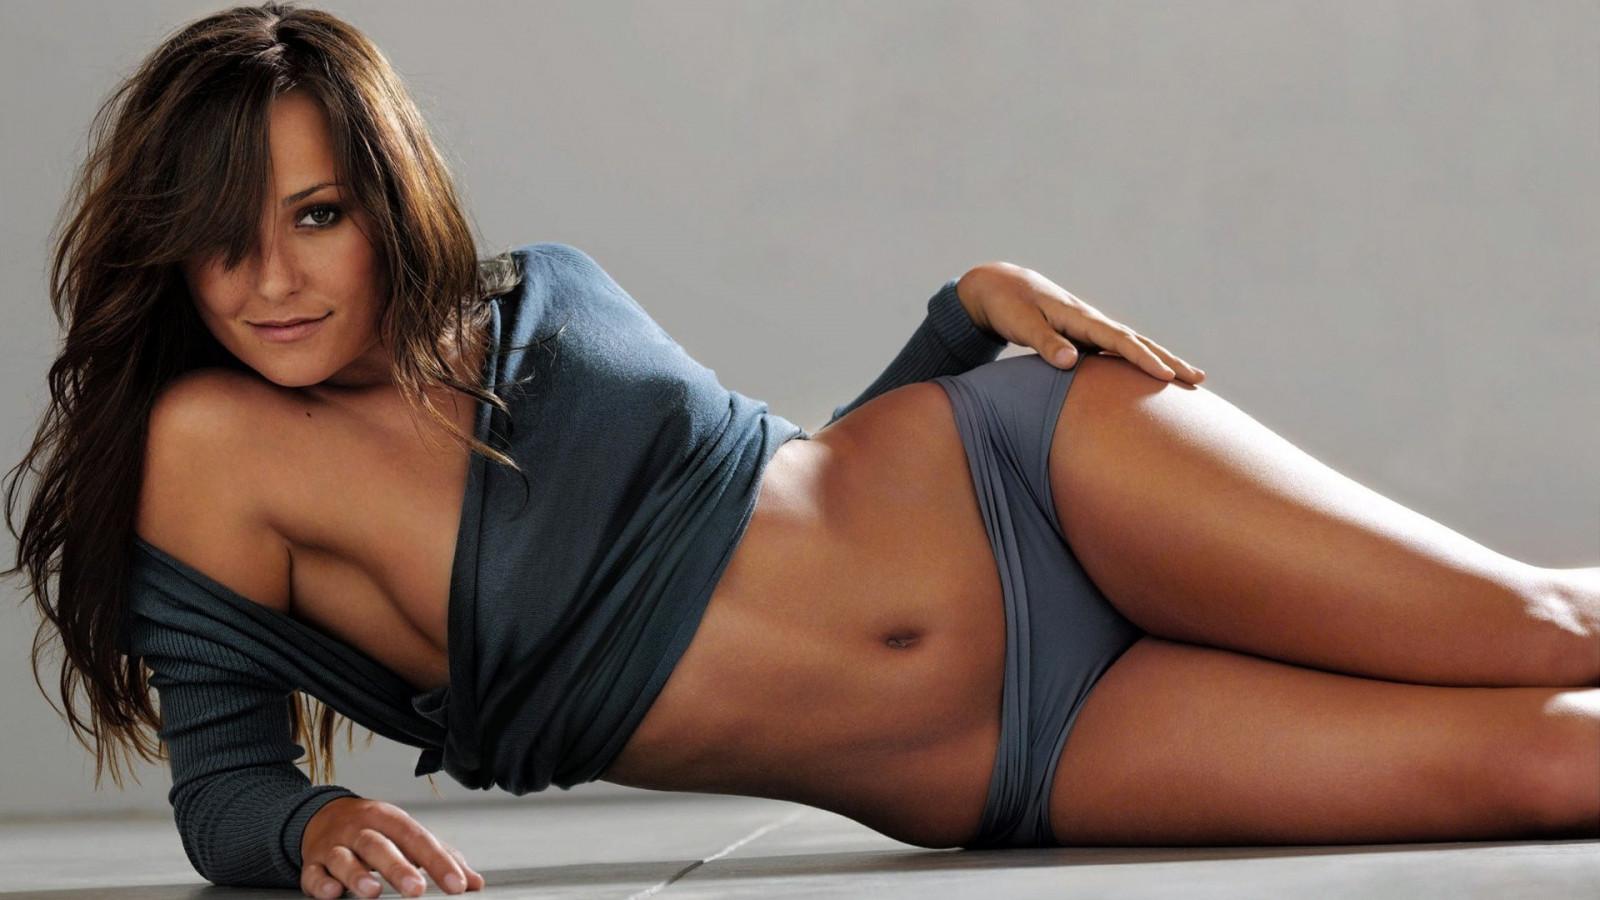 hot-cincinnati-girls-brigid-brannagh-sexy-nude